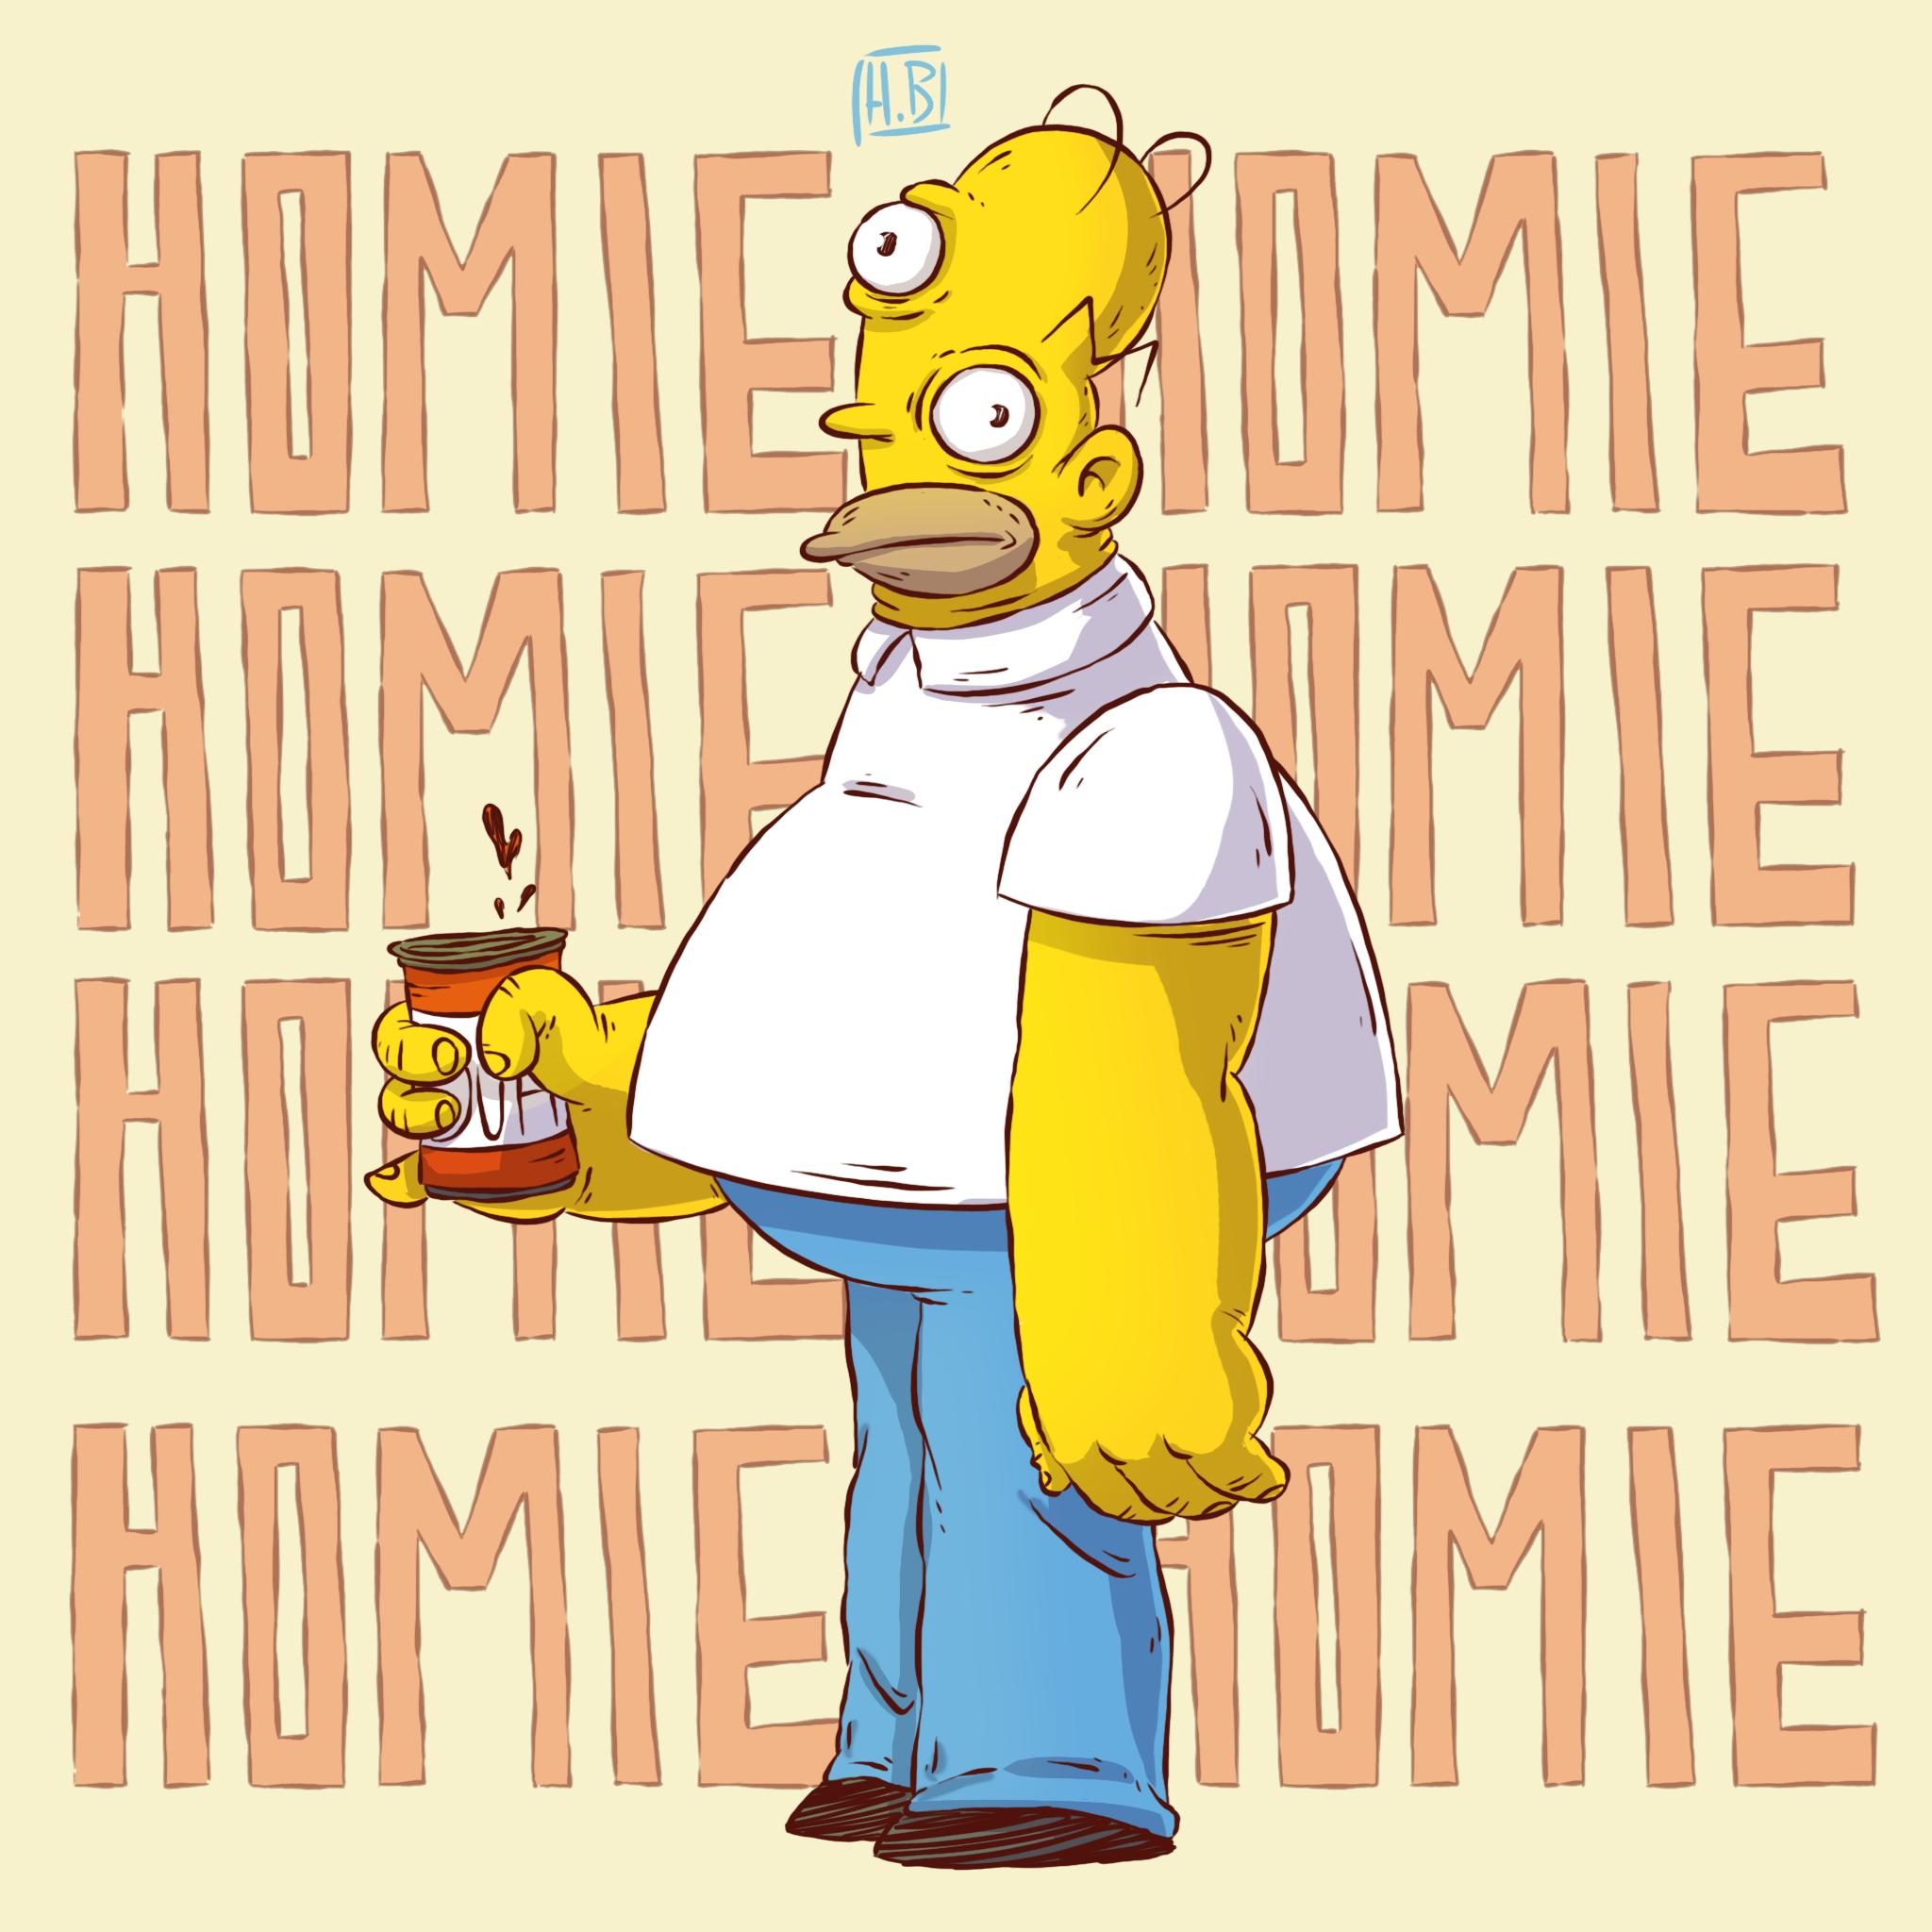 Homie Sompson.